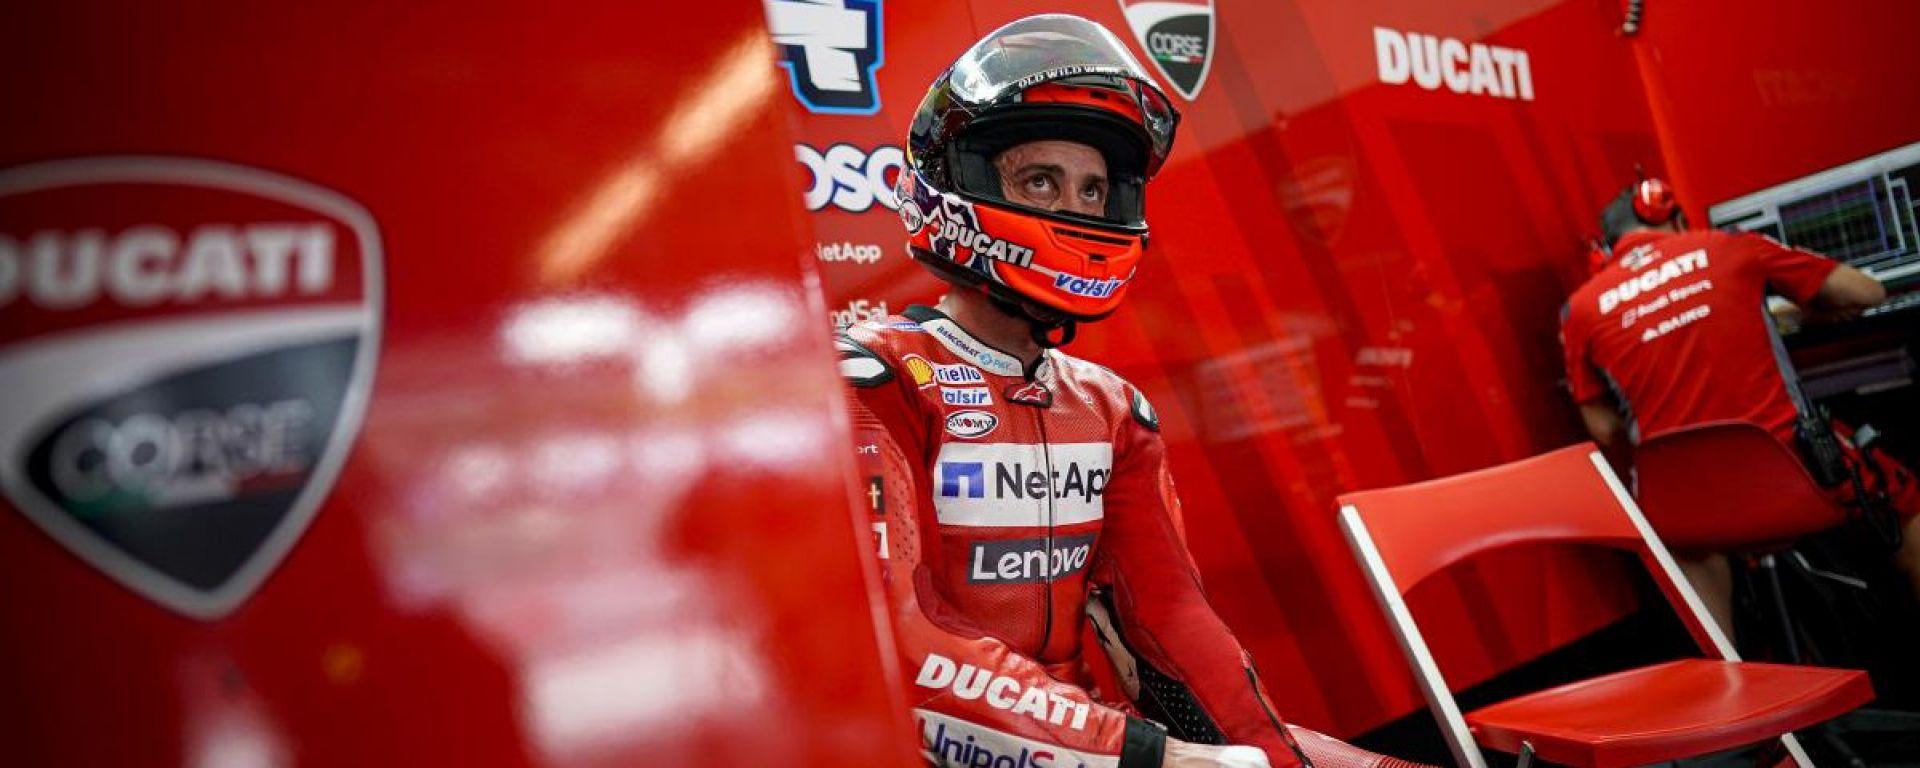 MotoGP 2020, Andrea Dovizioso nel box Ducati Corse